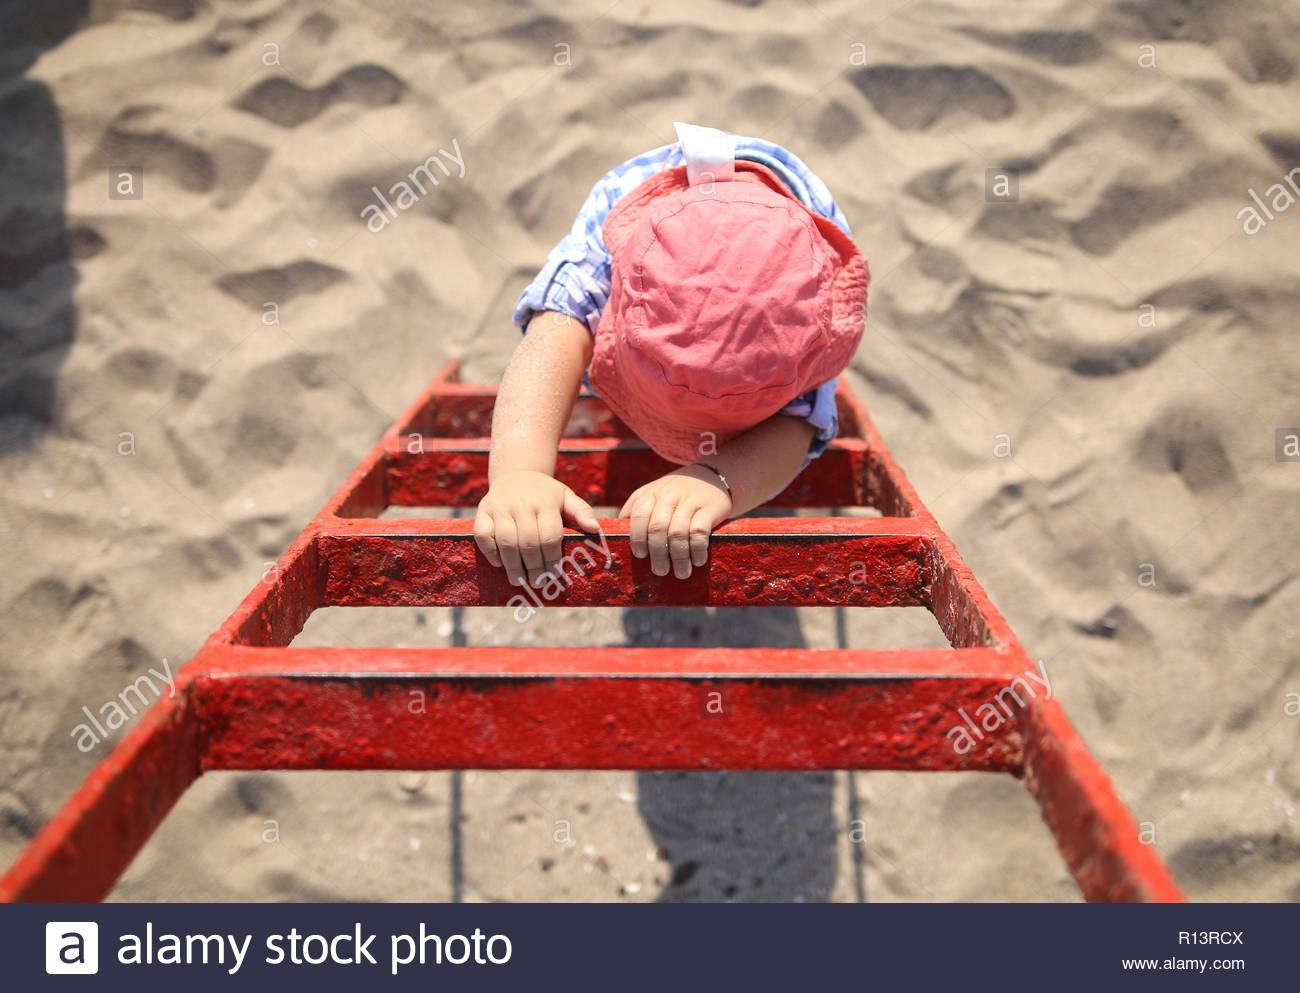 Elevato angolo di vista di un bambino che gioca nella sabbia in spiaggia Immagini Stock